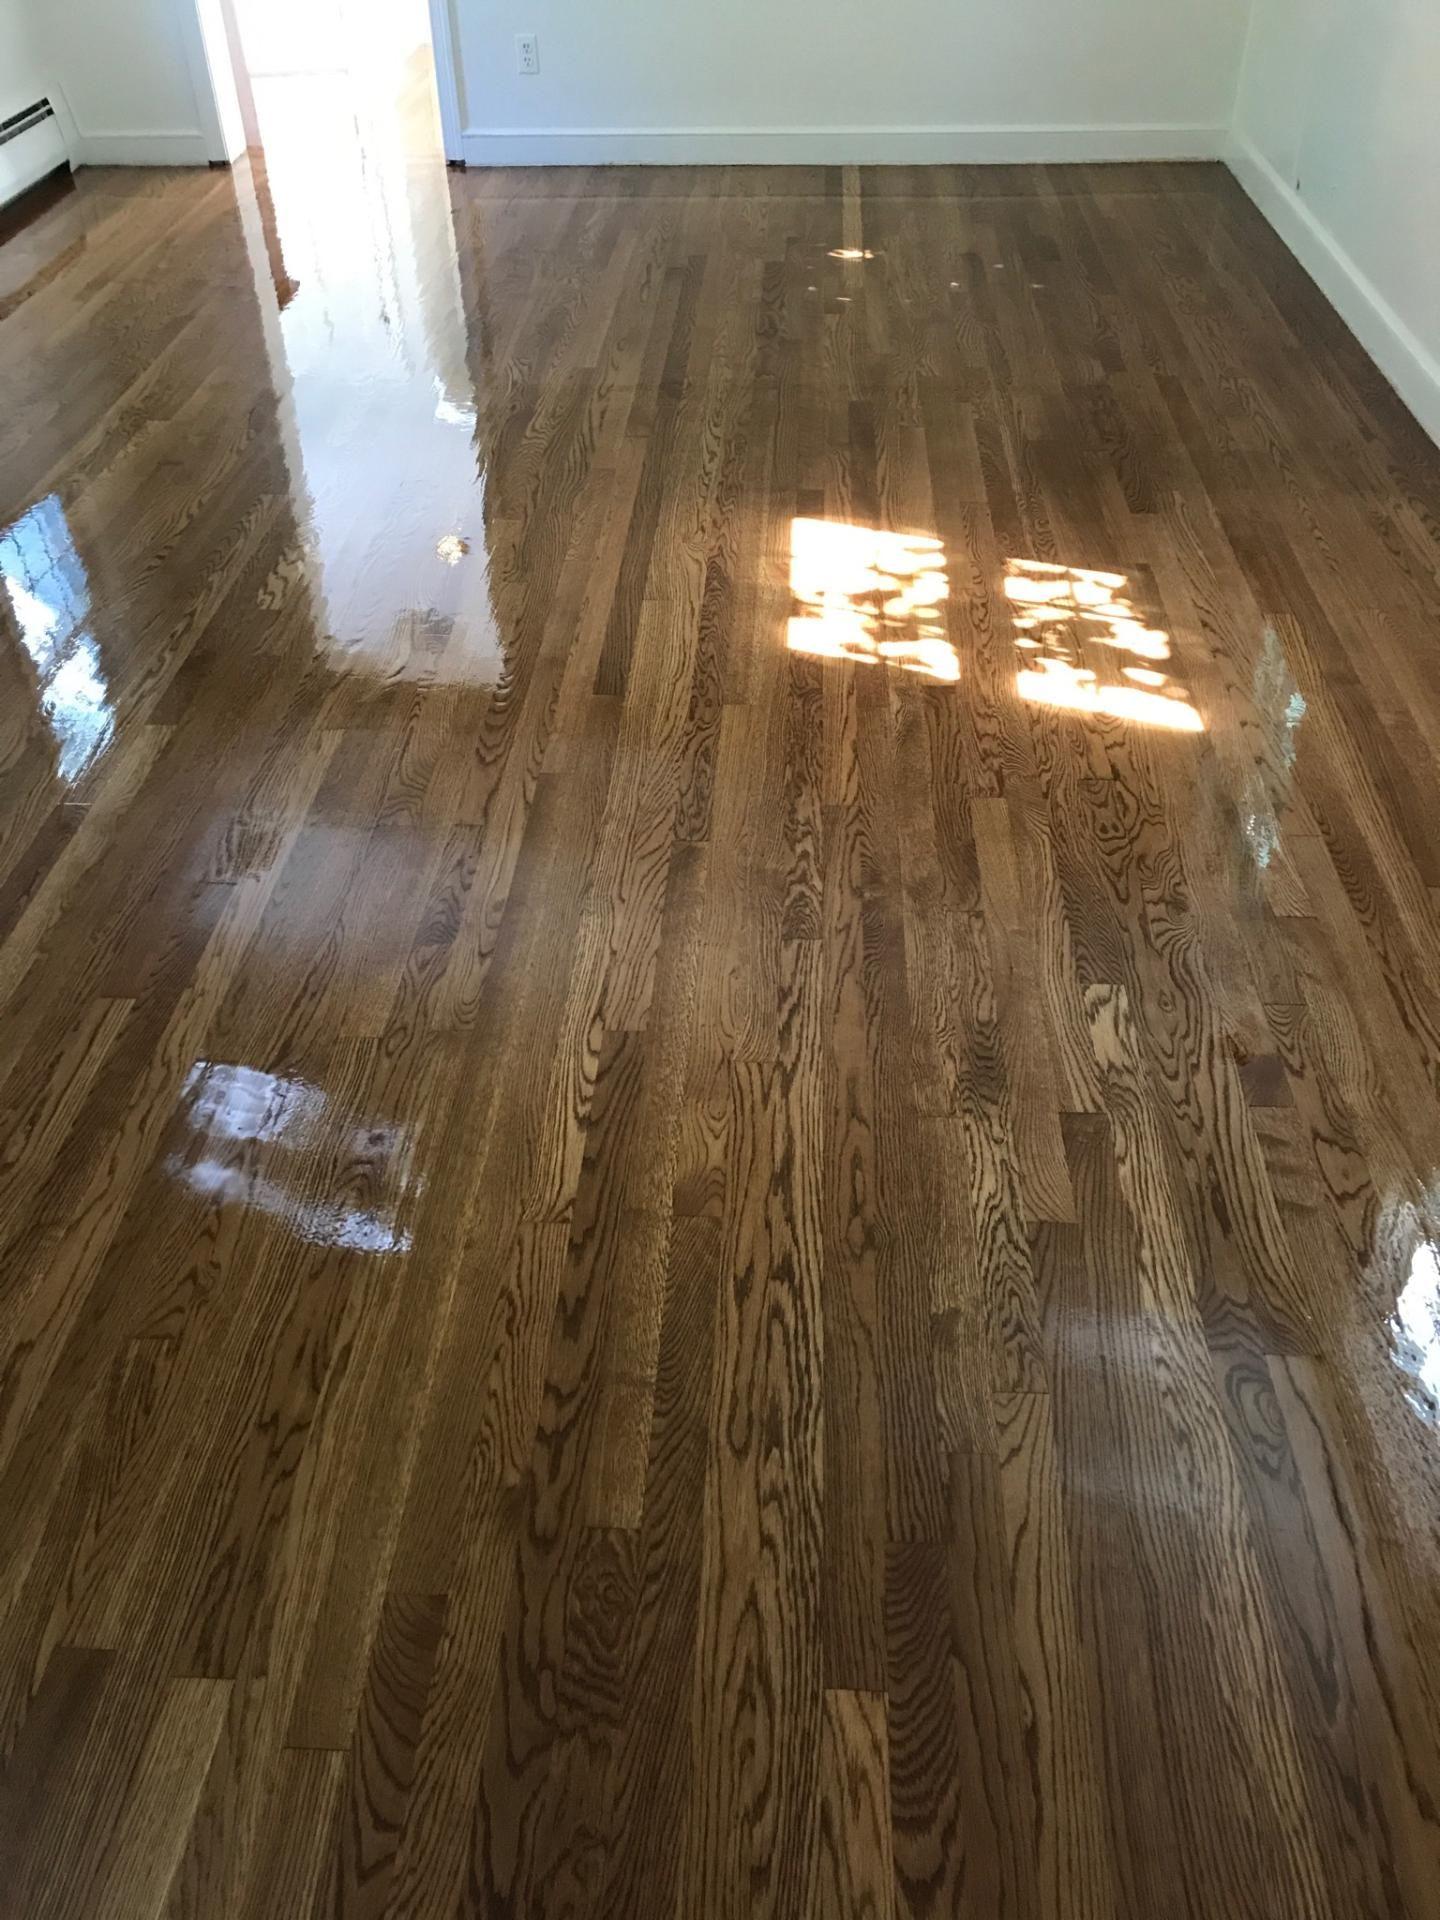 We Recently Refinished These White Oak Hardwood Floors We